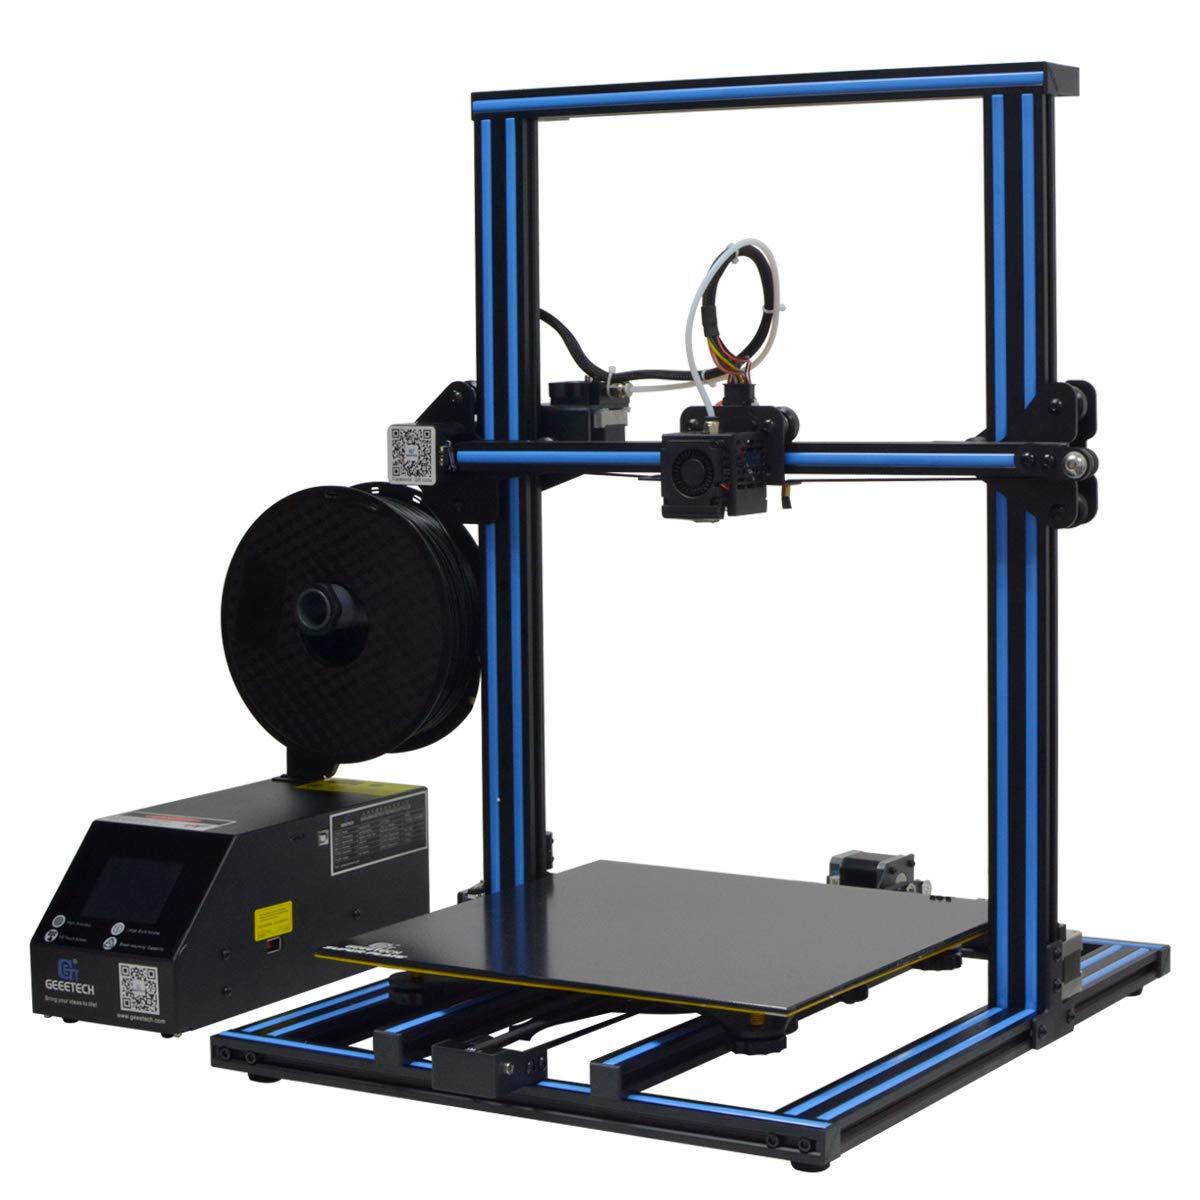 Hengda geeetech A30 3D Drucker mit Super Grossem Bauraum:320×320×420mm und Power Failure Recovery,3.2″Vollfarb-Touch Screen,Gute Haftung auf dem Druckbett,Open source firmware,Halb Montiertes DIY Kit.